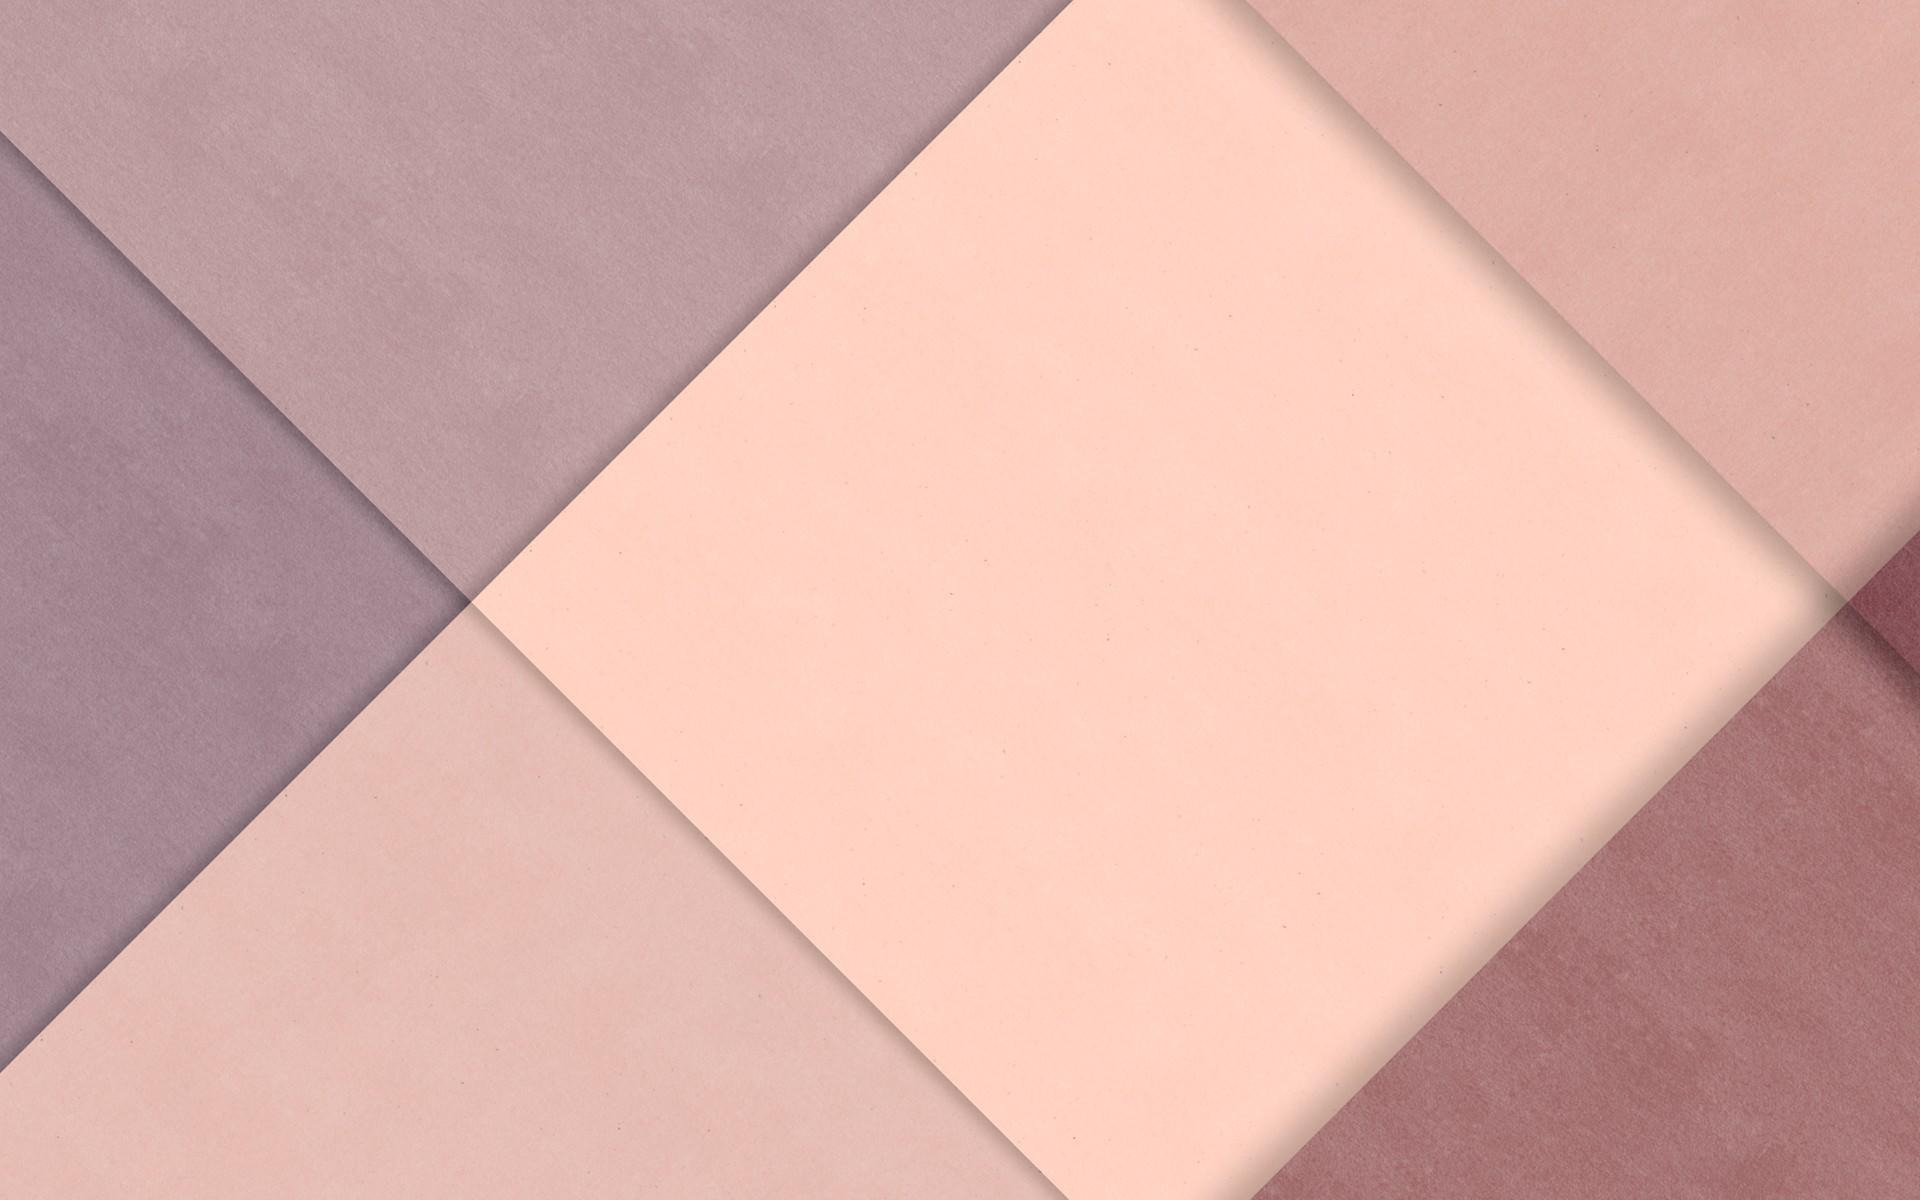 Обои wallpaper, бледно-каштановый, розовато-лиловый, текстура